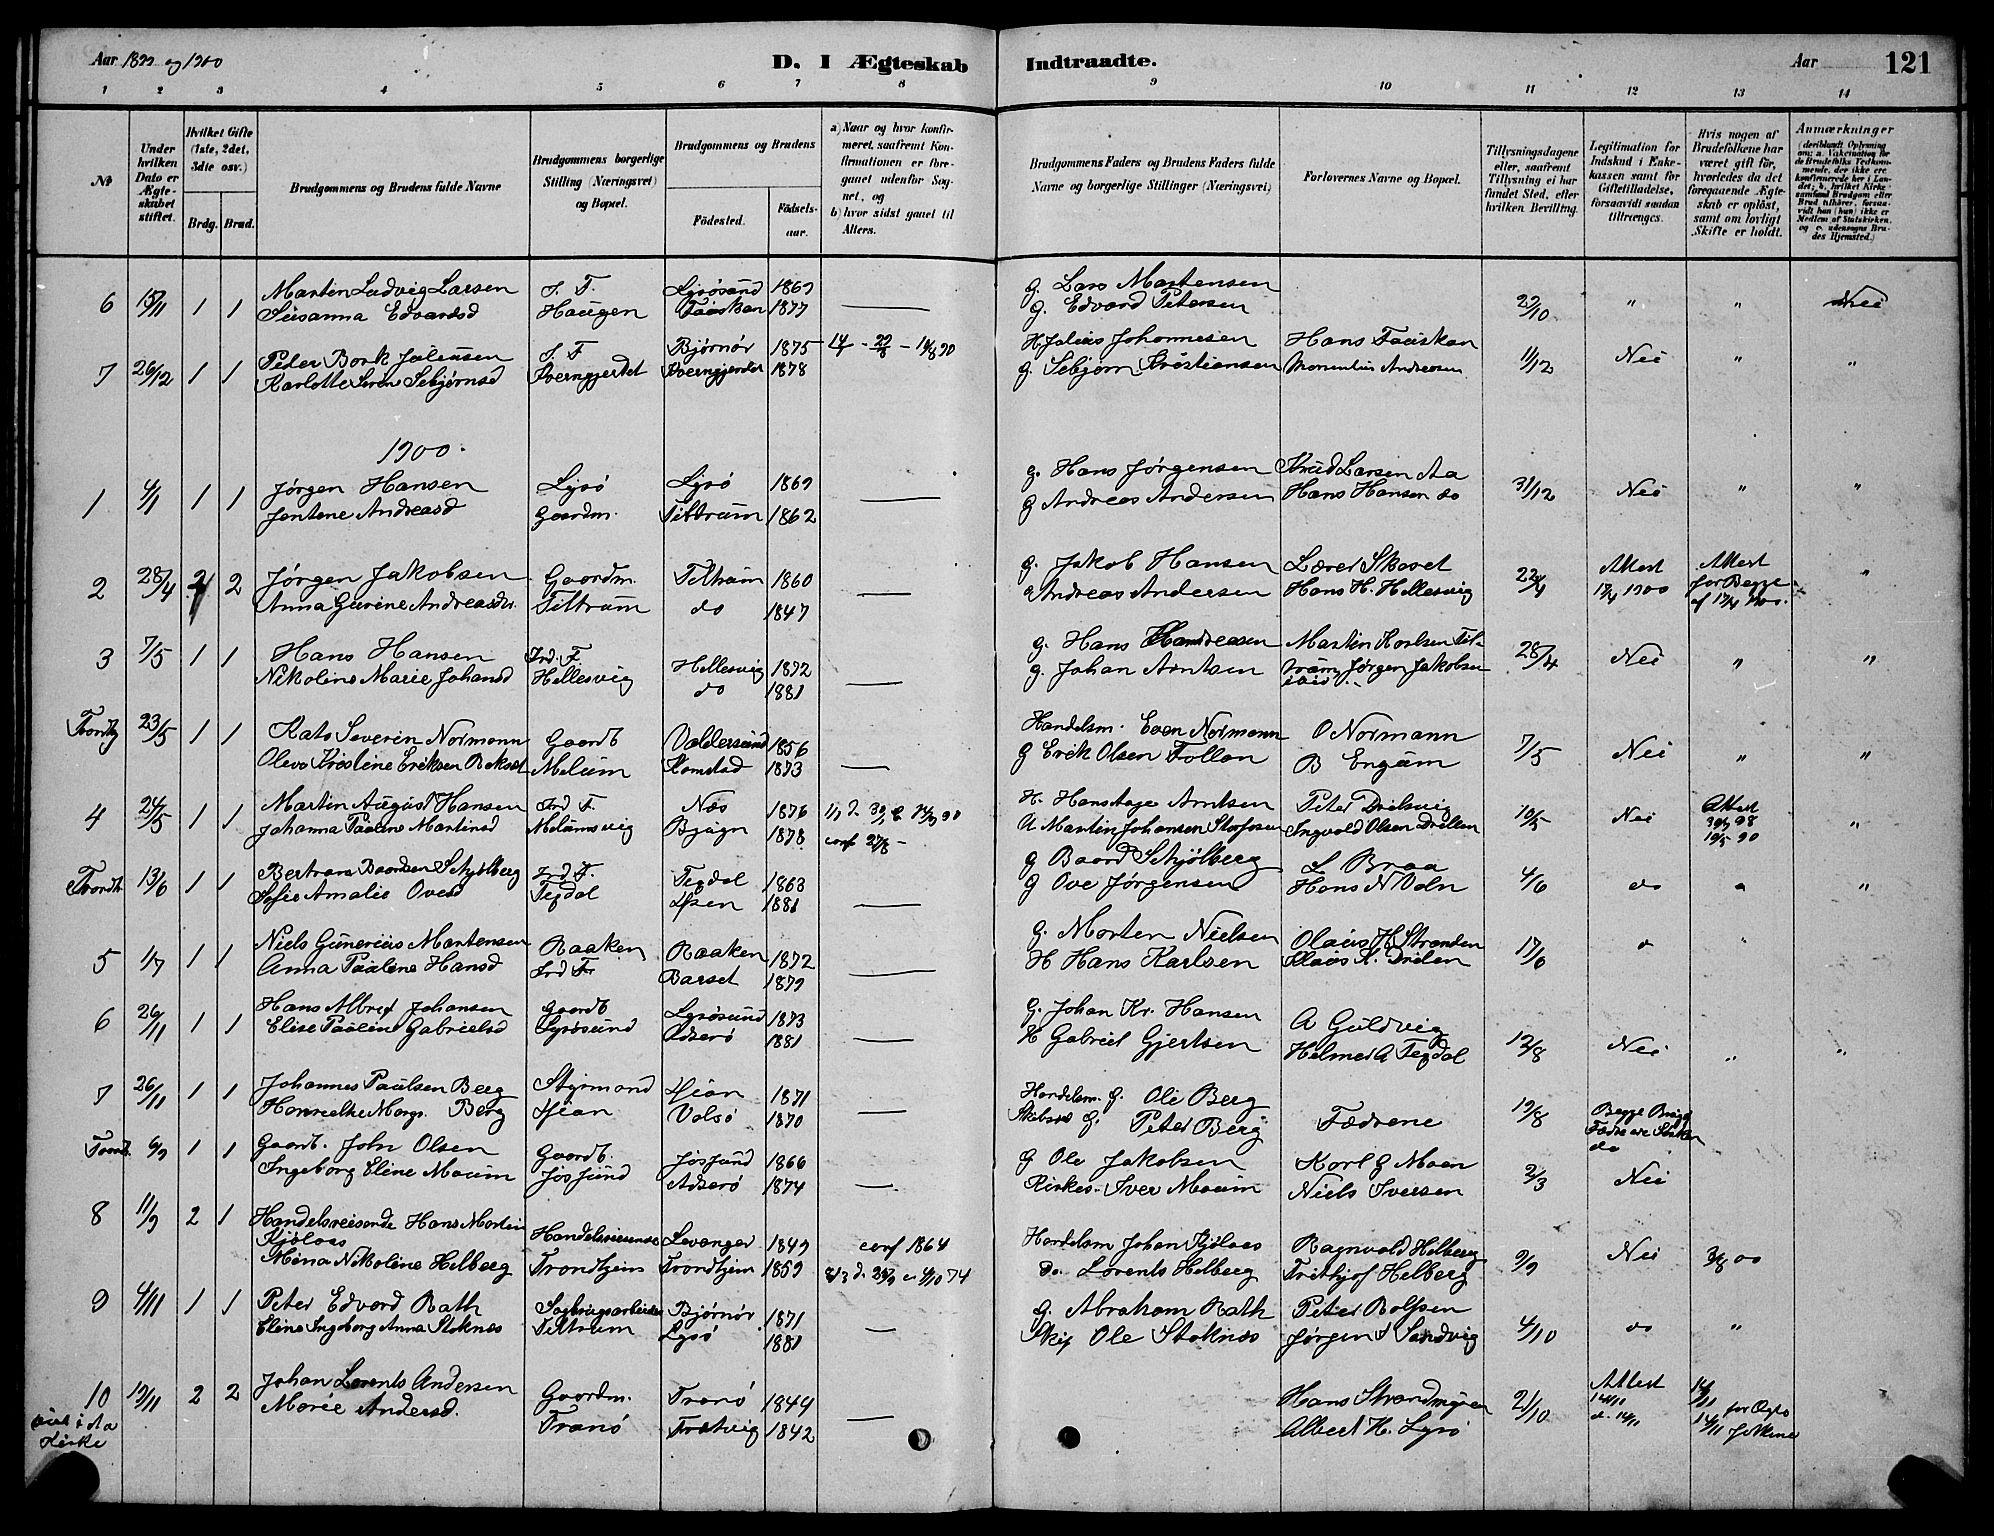 SAT, Ministerialprotokoller, klokkerbøker og fødselsregistre - Sør-Trøndelag, 654/L0665: Klokkerbok nr. 654C01, 1879-1901, s. 121